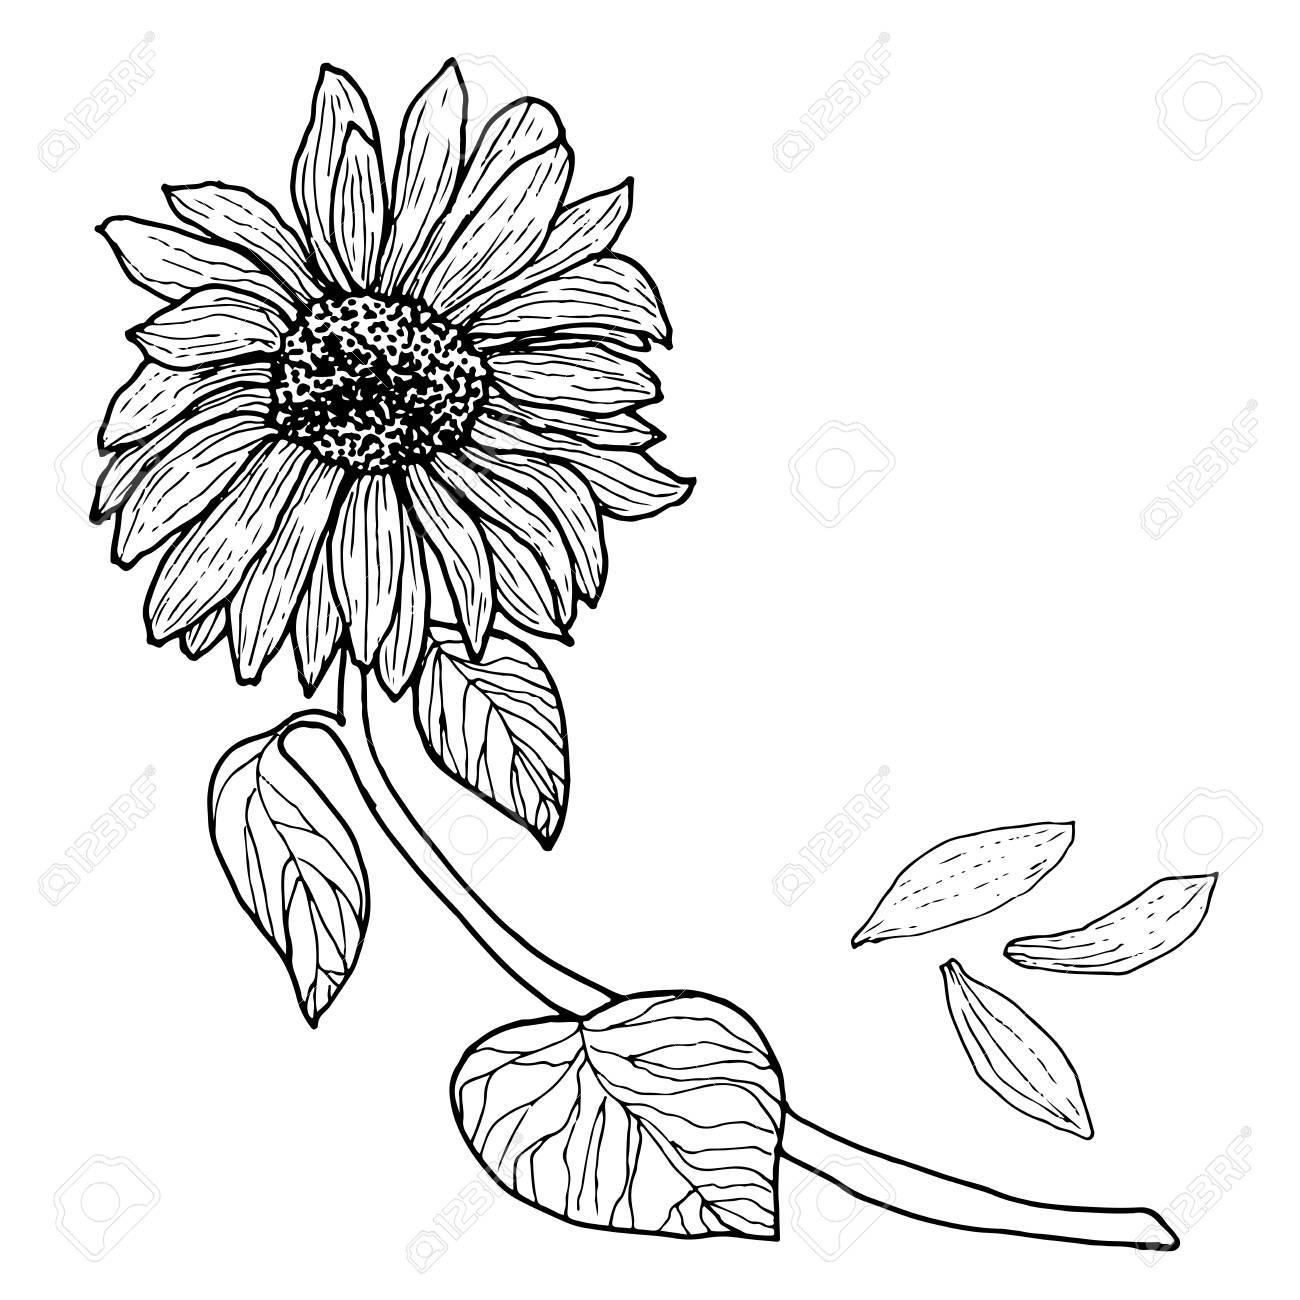 Negro Blanco Girasol En Una Rama Con Hojas Brote De Flor Aislado